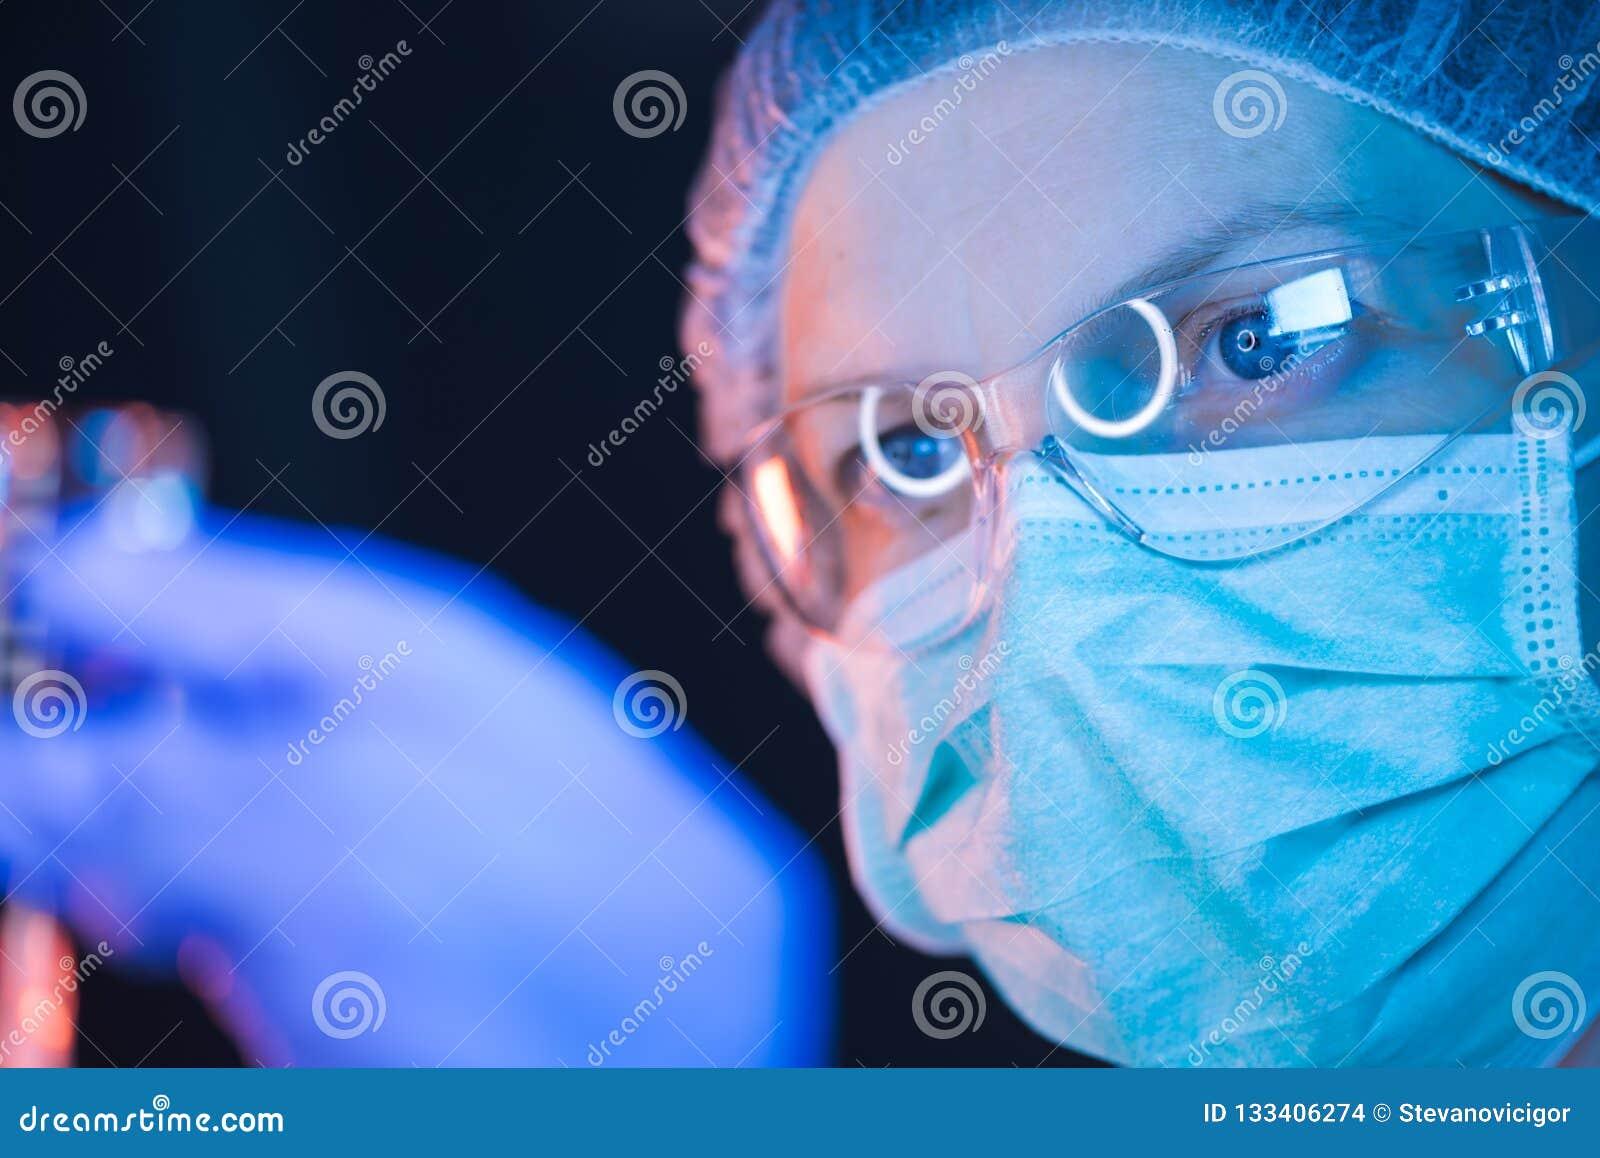 Docteur élaborant la solution et remplissant seringue